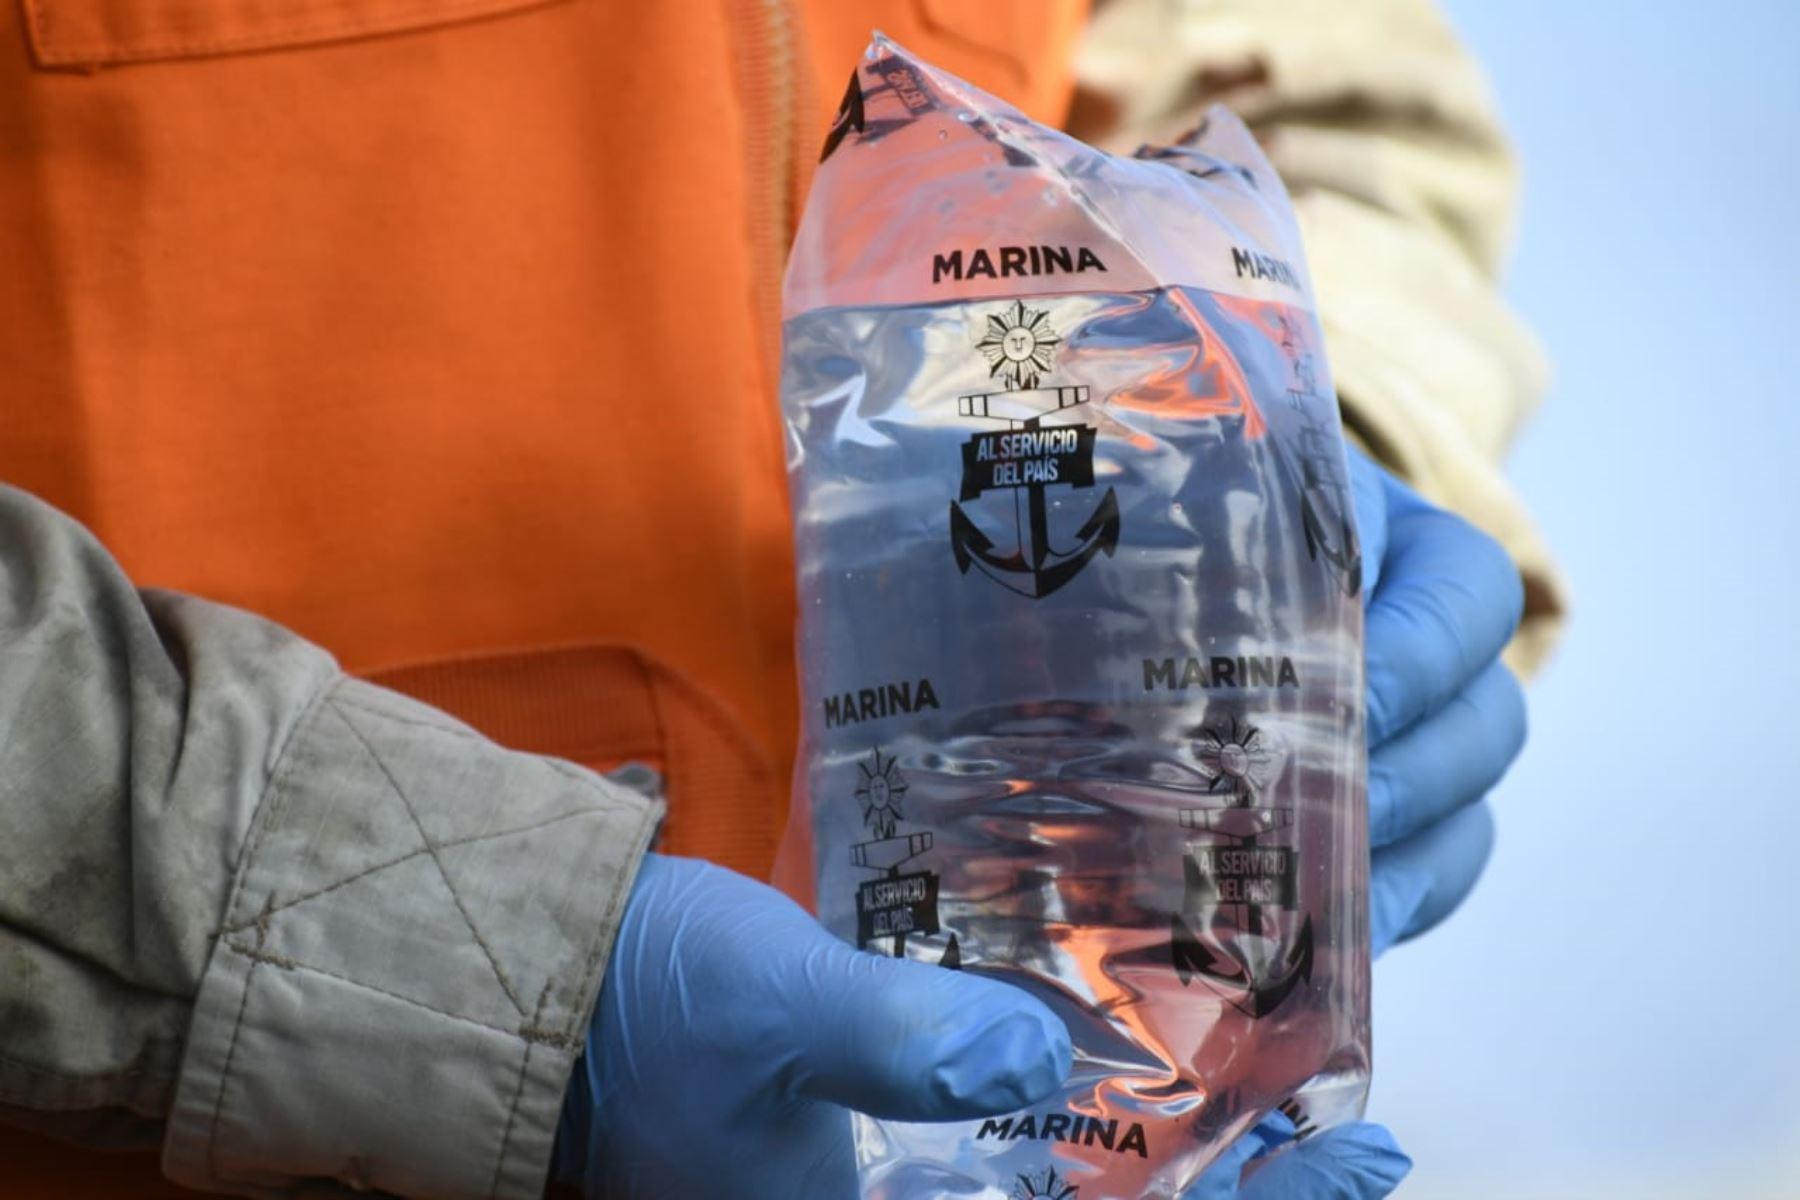 Marina dona 15,000 litros de agua desalinizada para AA. HH. en San Juan de Miraflores. Foto: ANDINA/difusión.